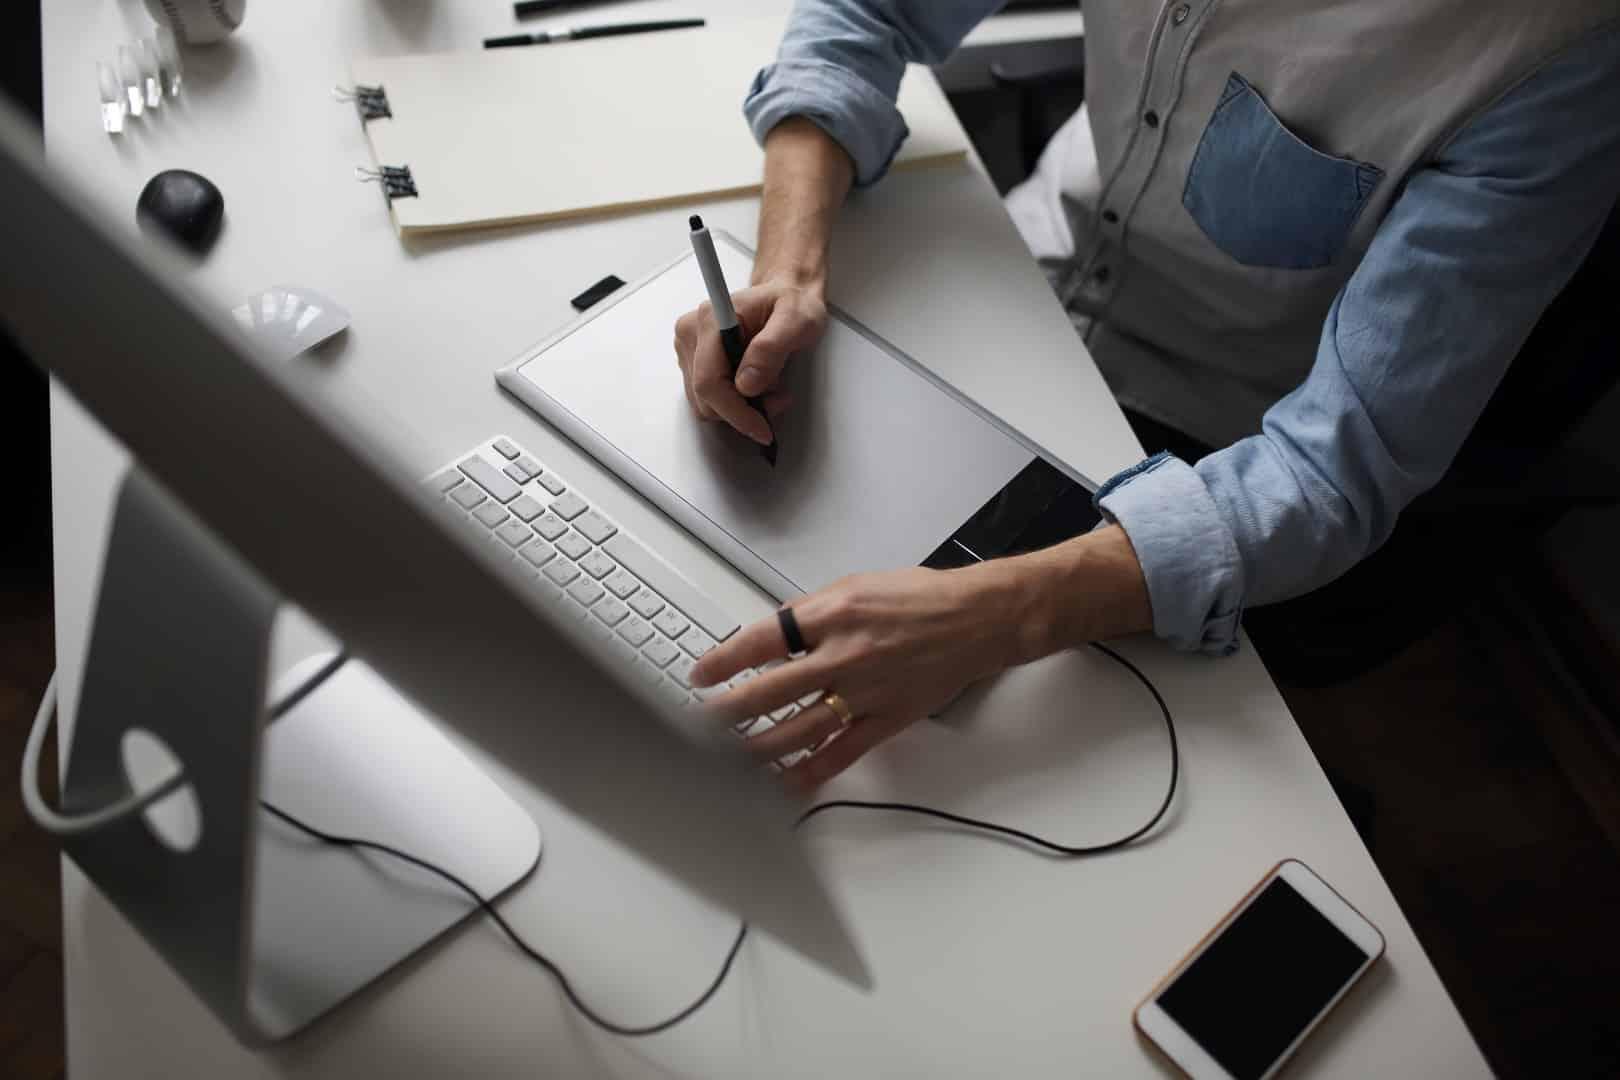 grafica pubblicitaria - Grafica pubblicitaria - Grafica pubblicitaria, cos'è e come intraprendere la professione di graphic designer